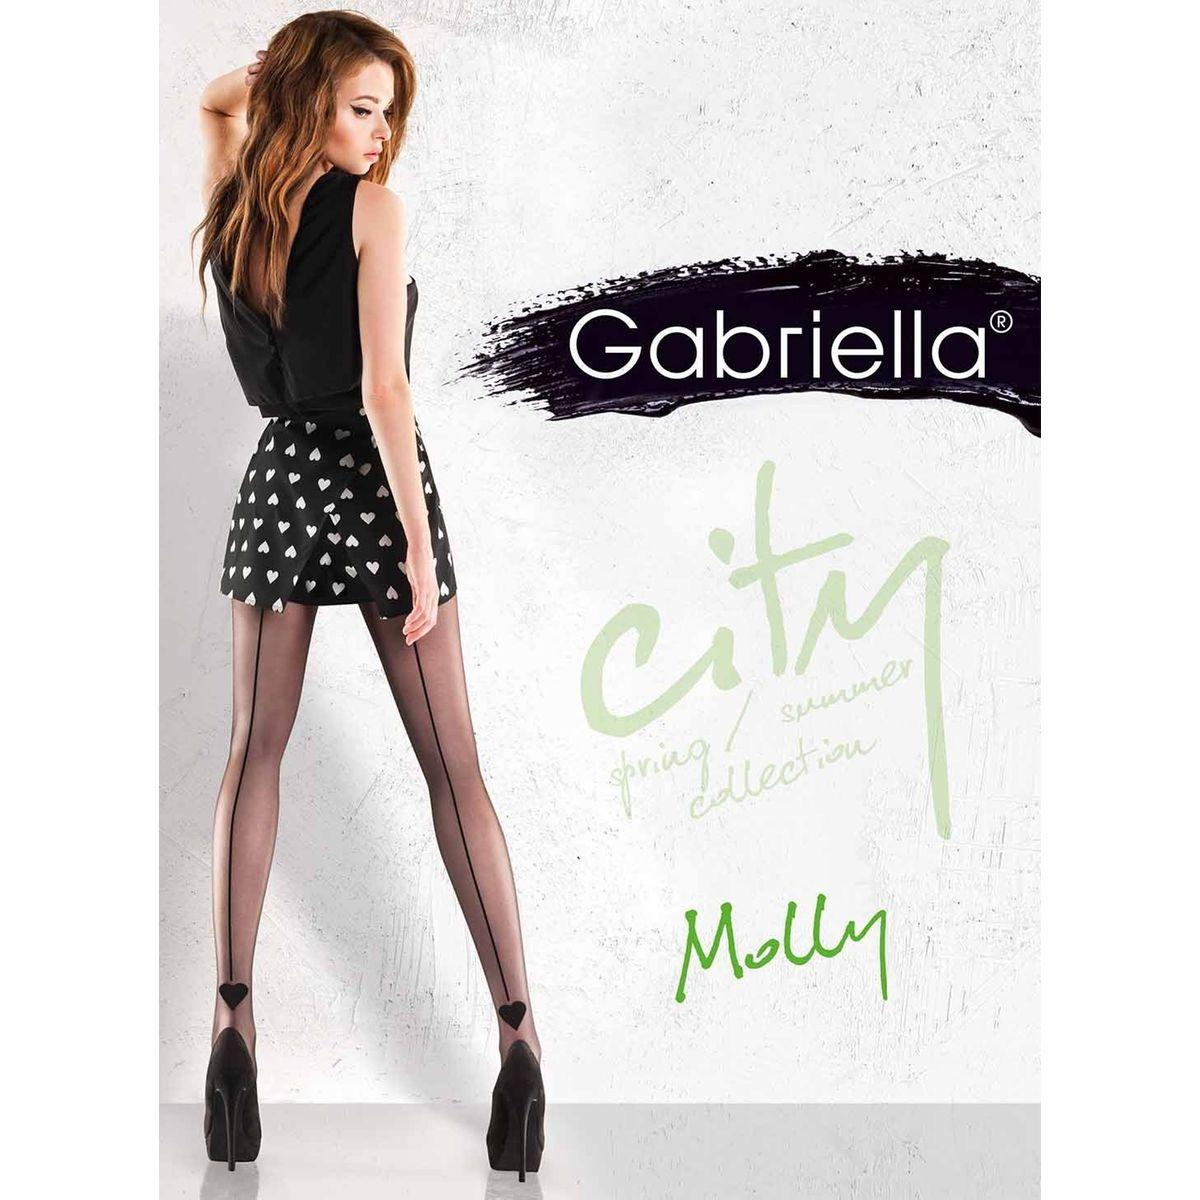 Collant Gabriella Molly